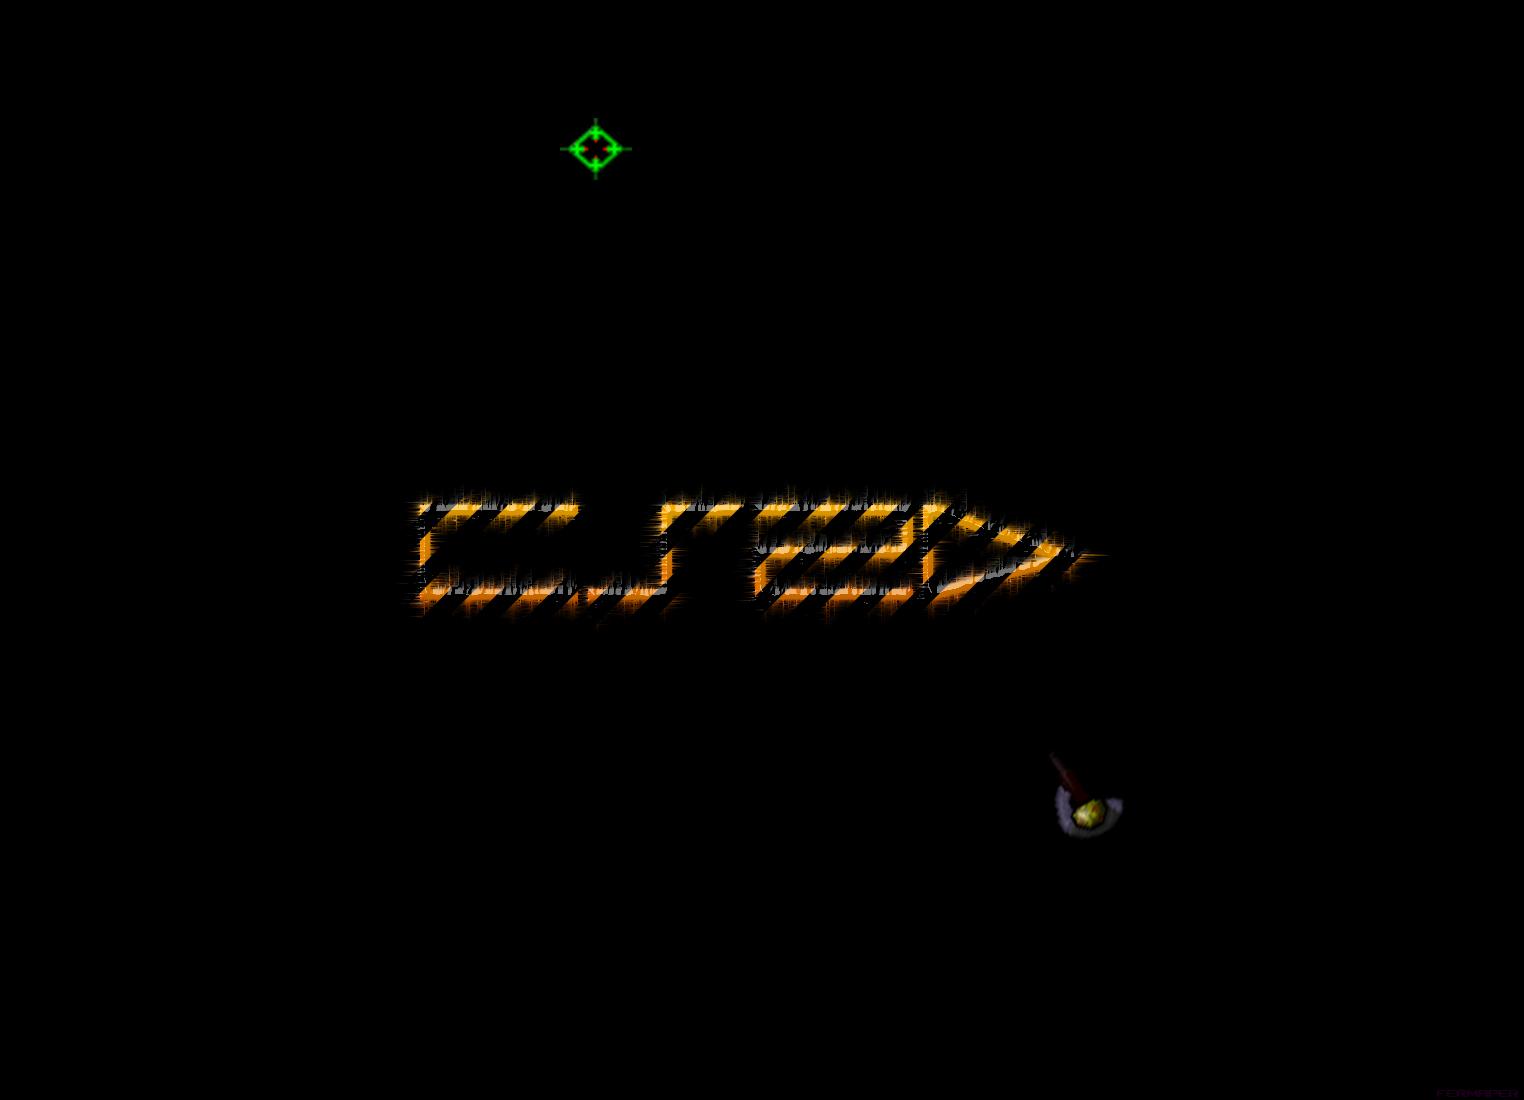 IMG:http://teamstars2d.ucoz.com/WALLPAPER_CS2D_BY_FERMAPER.jpg